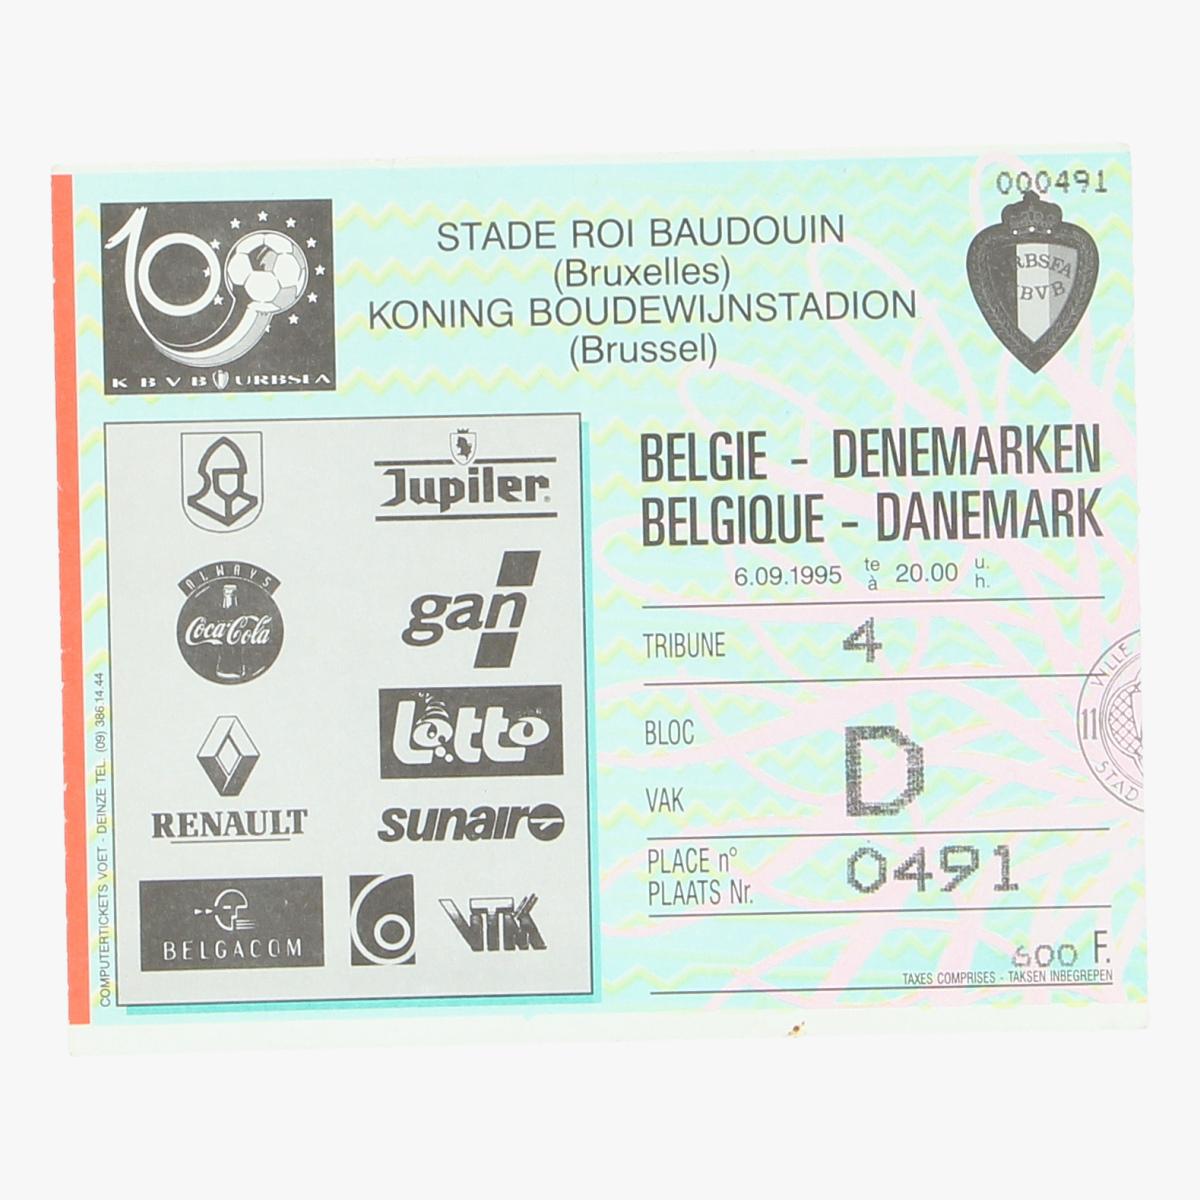 Afbeeldingen van voetbalticket Belgie-Denemarken 6.09.1995